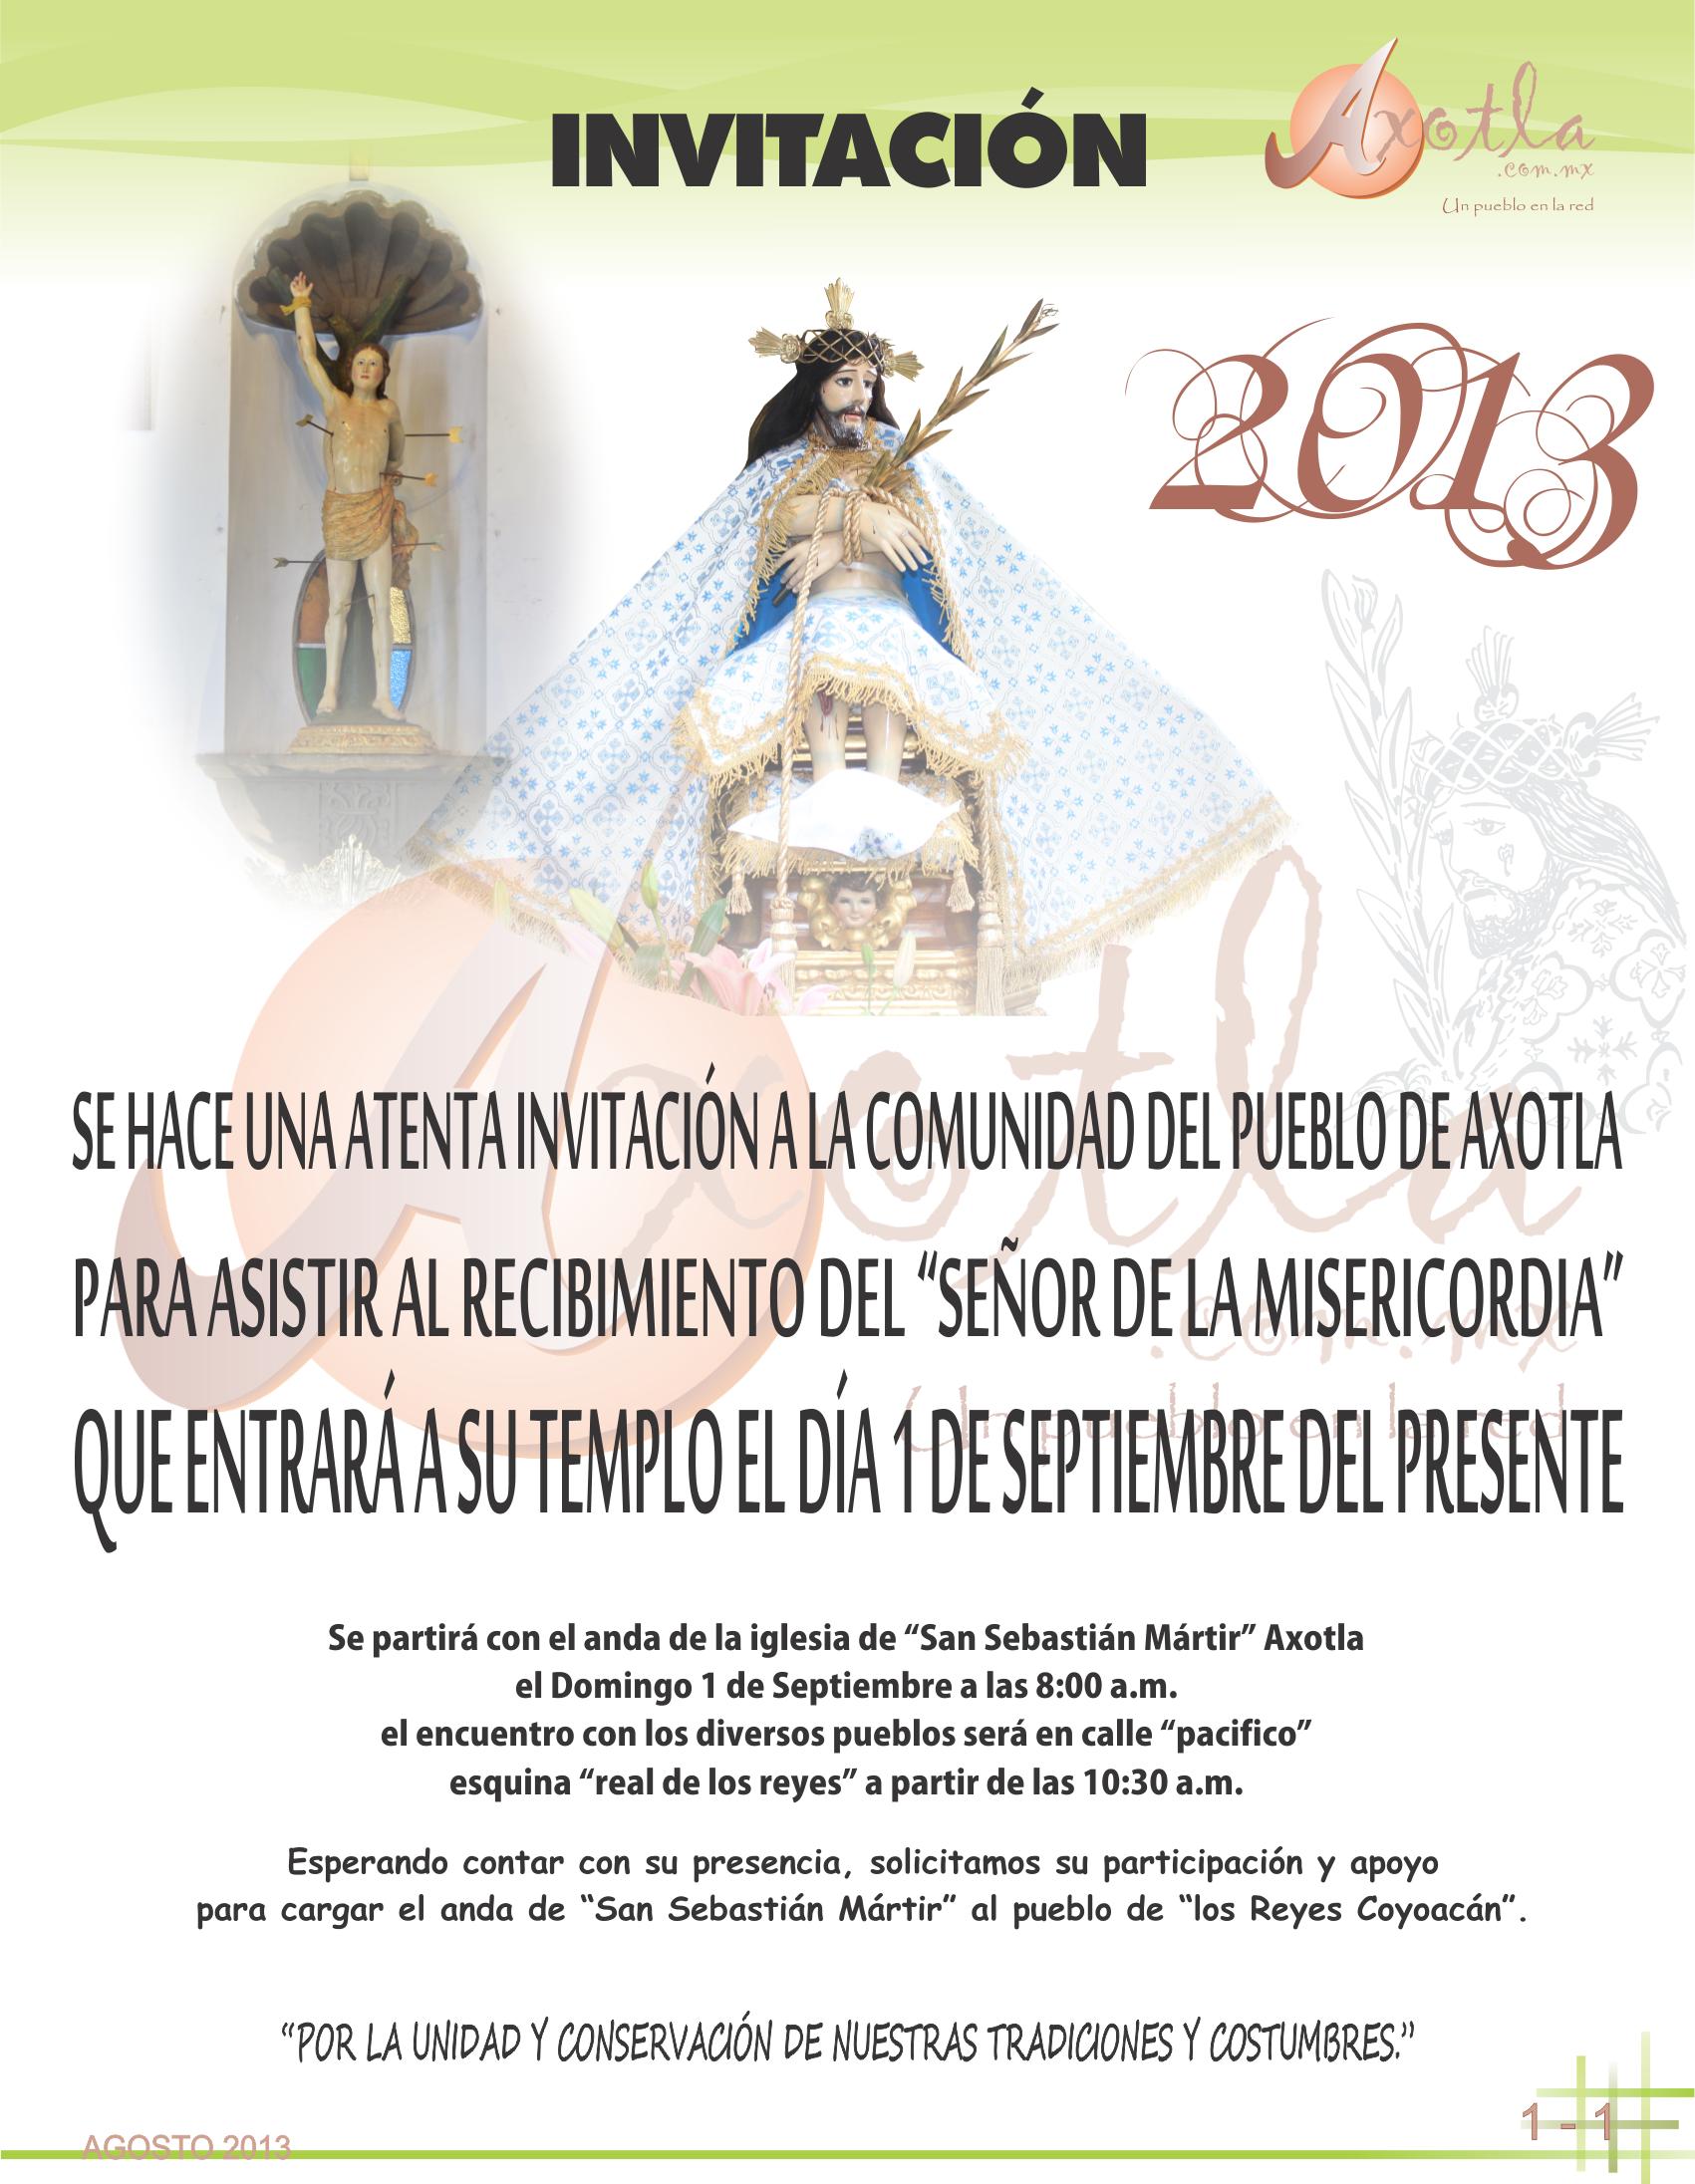 invitación 2013